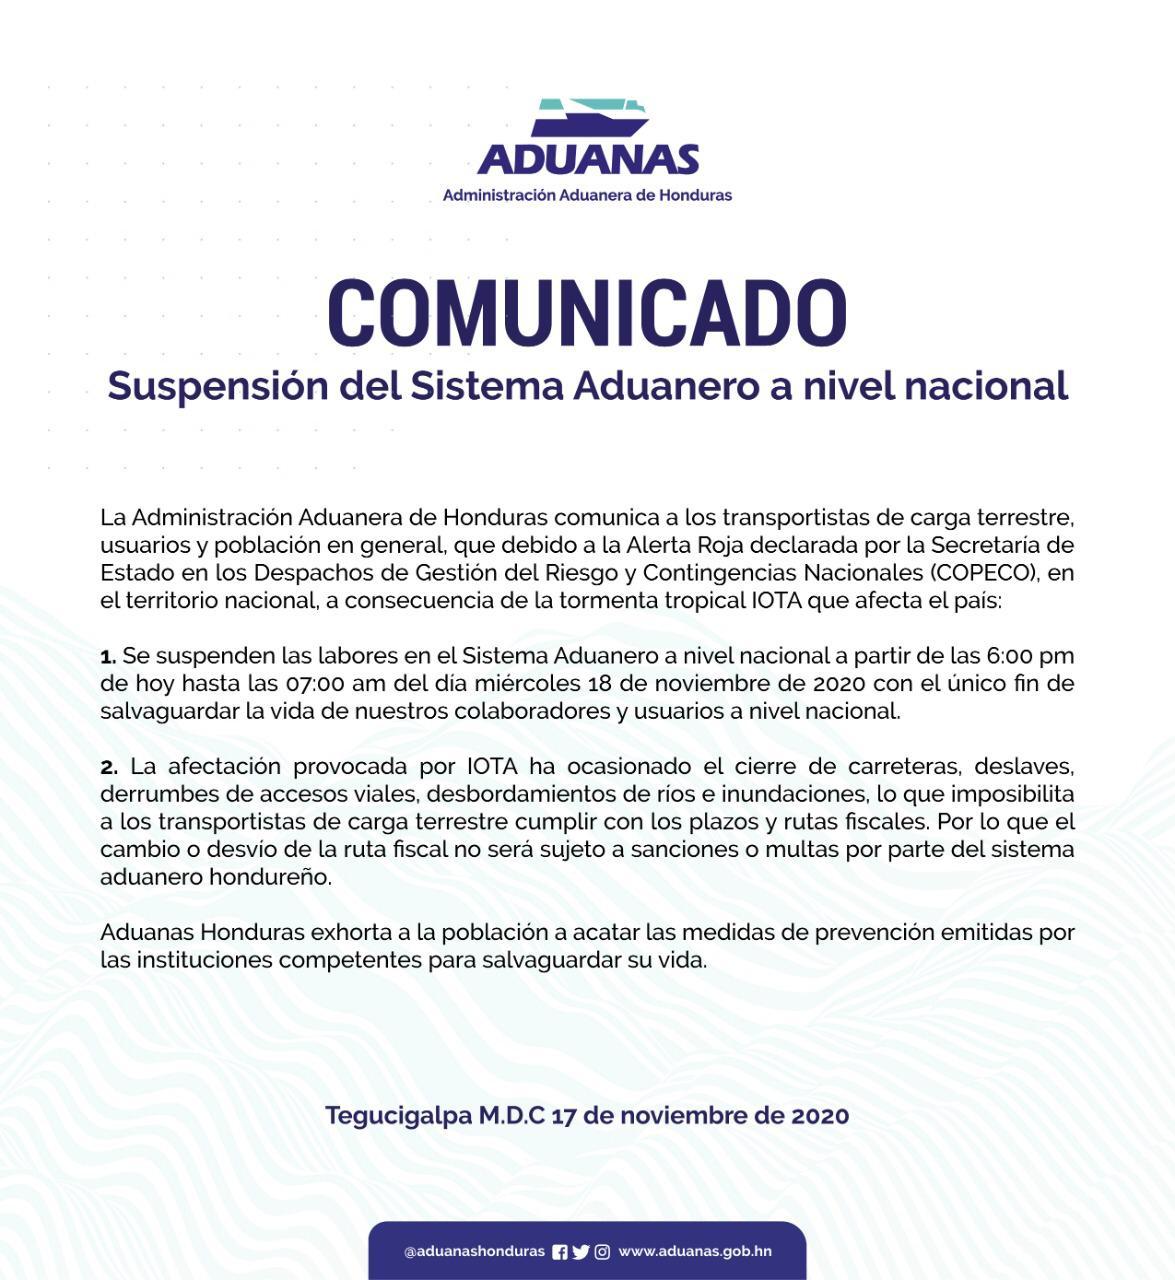 Suspenden el servicio aduanero a nivel nacional